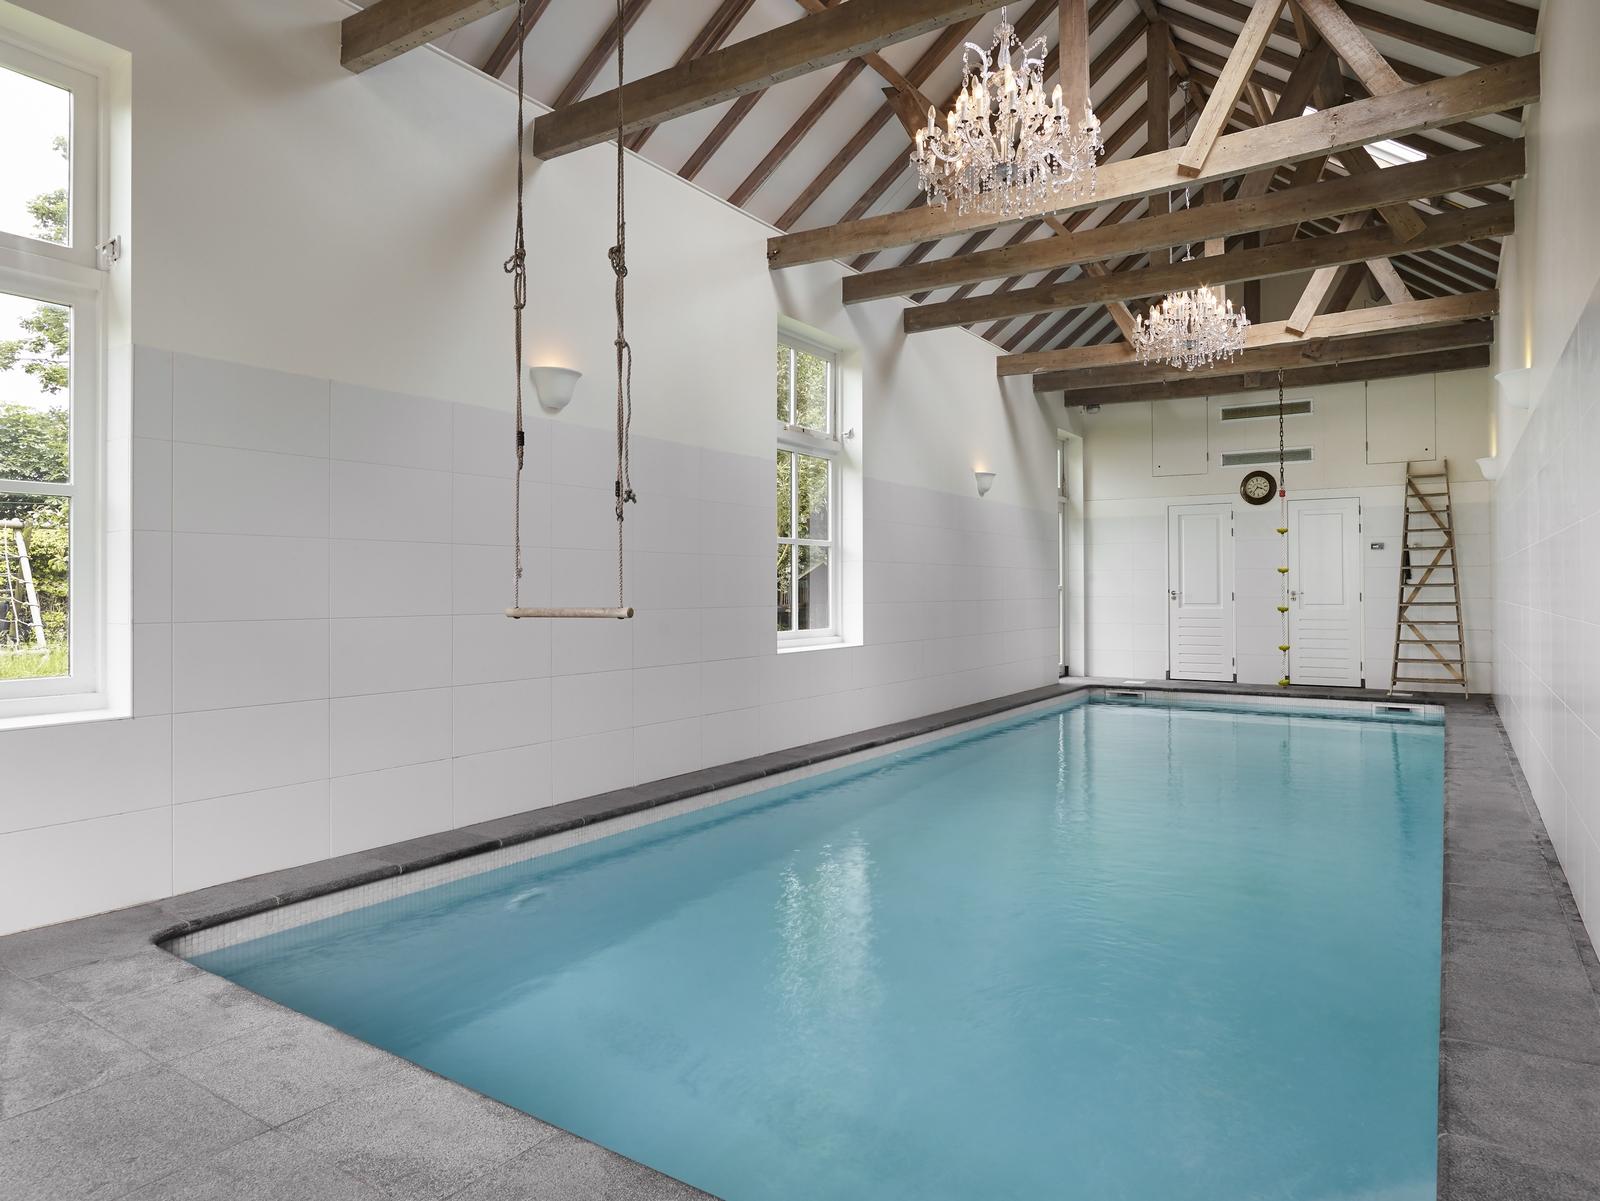 Binnenzwembad in een oude schuur